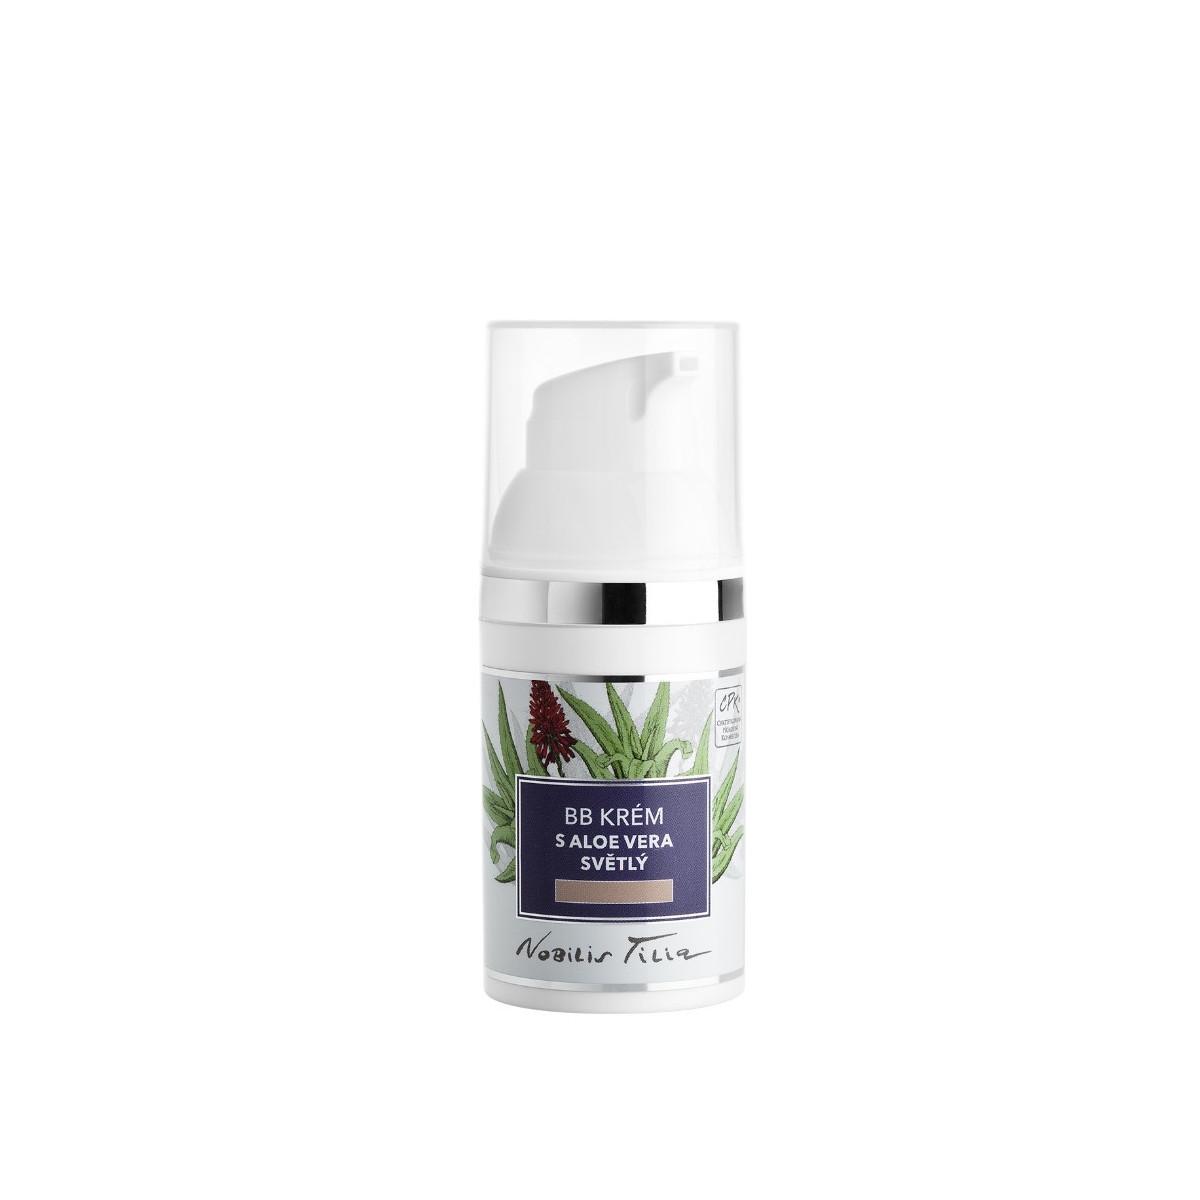 Nobilis Tilia BB krém s Aloe vera světlý 30 ml